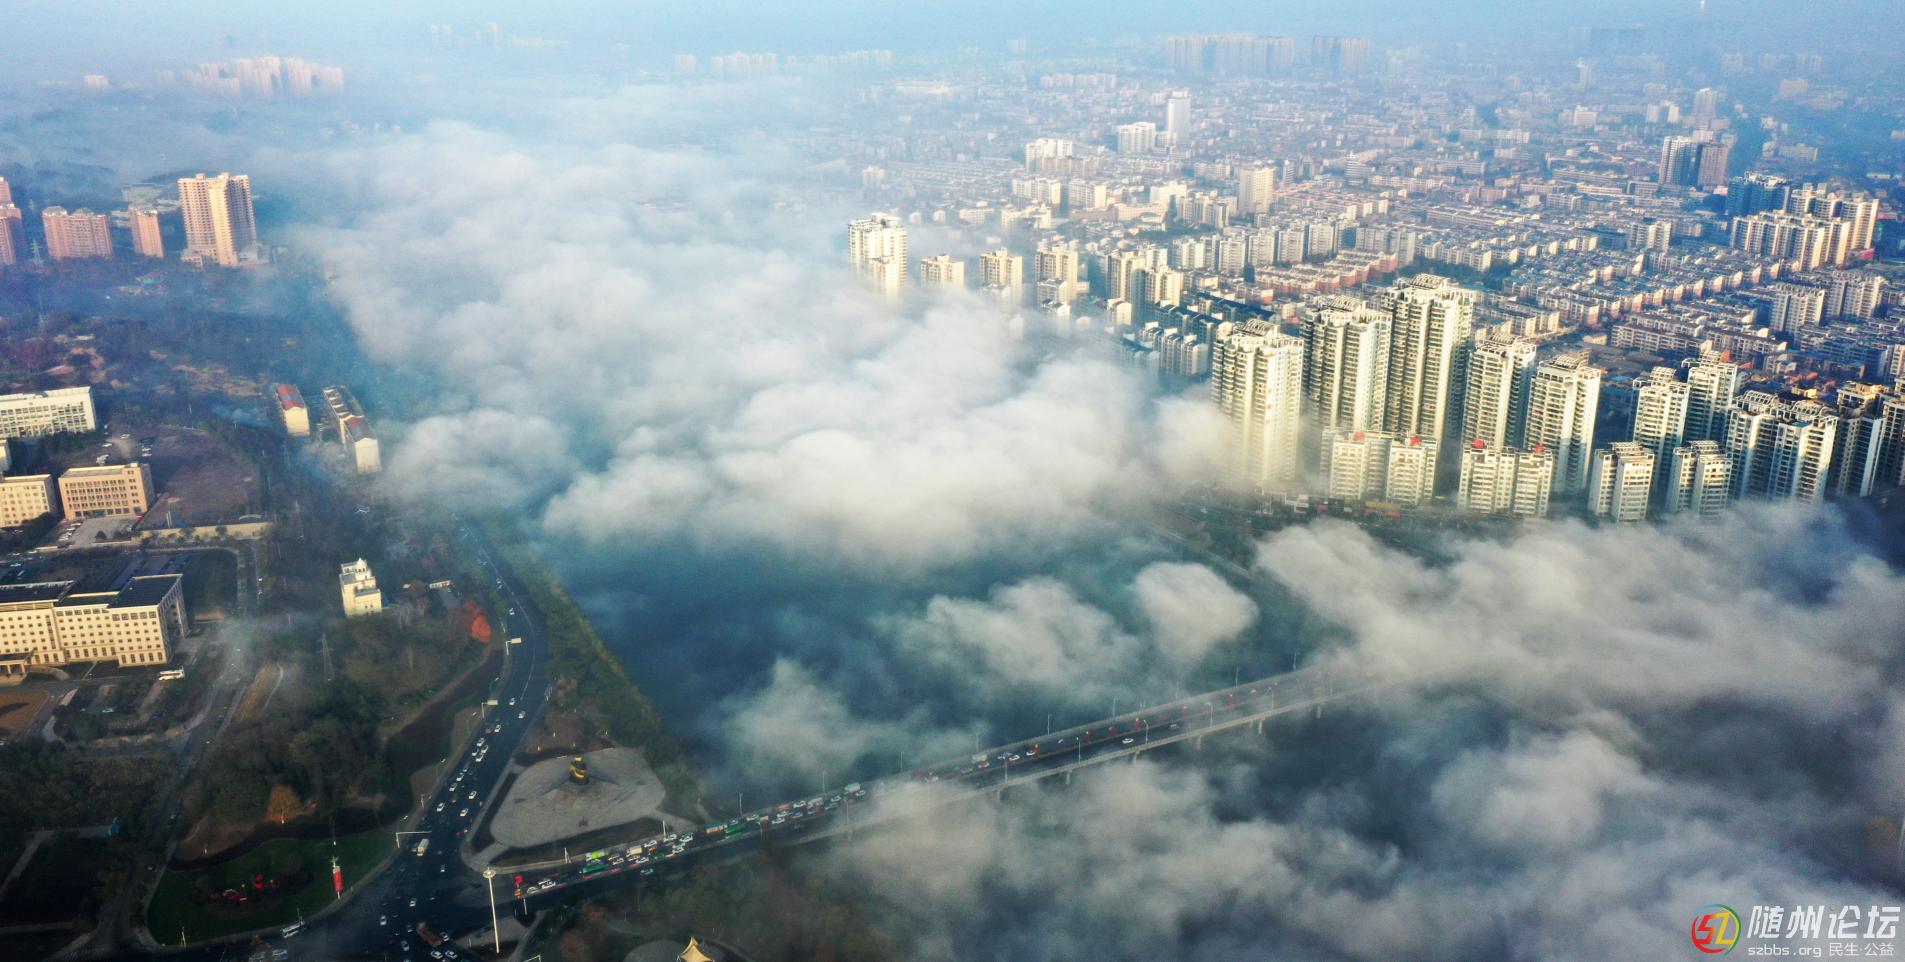 雾中随城,宛如仙境